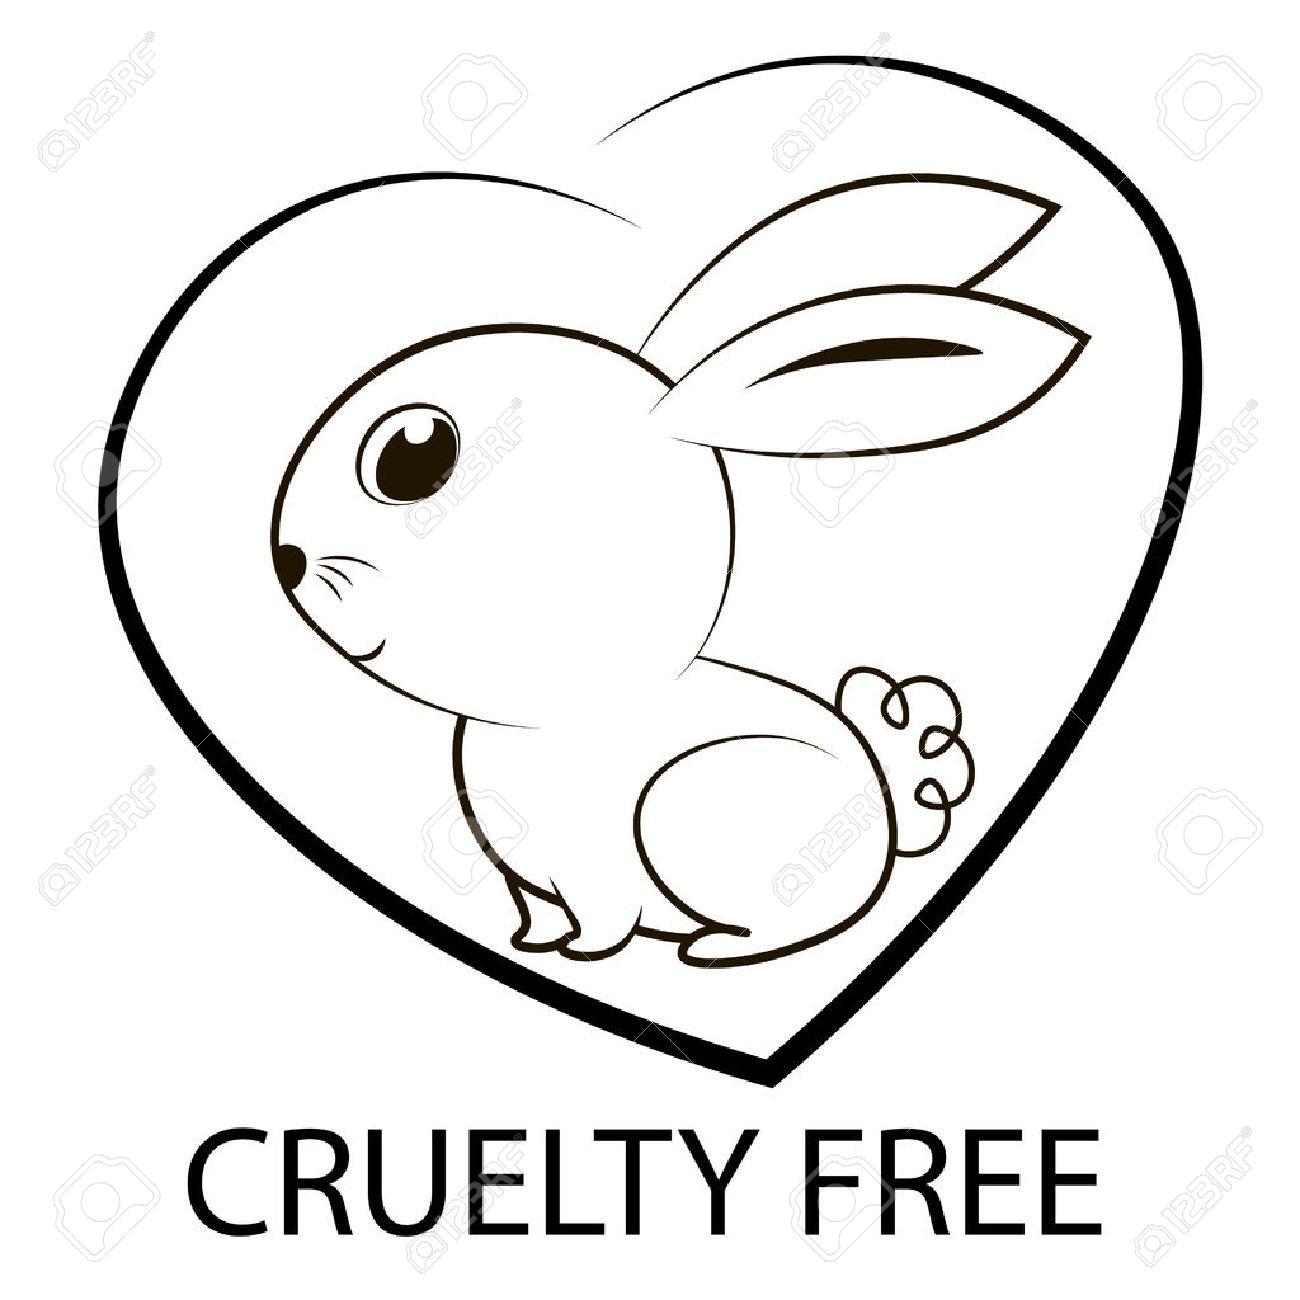 Vettoriale Crudeltà Verso Gli Animali Icona Di Disegno Libero